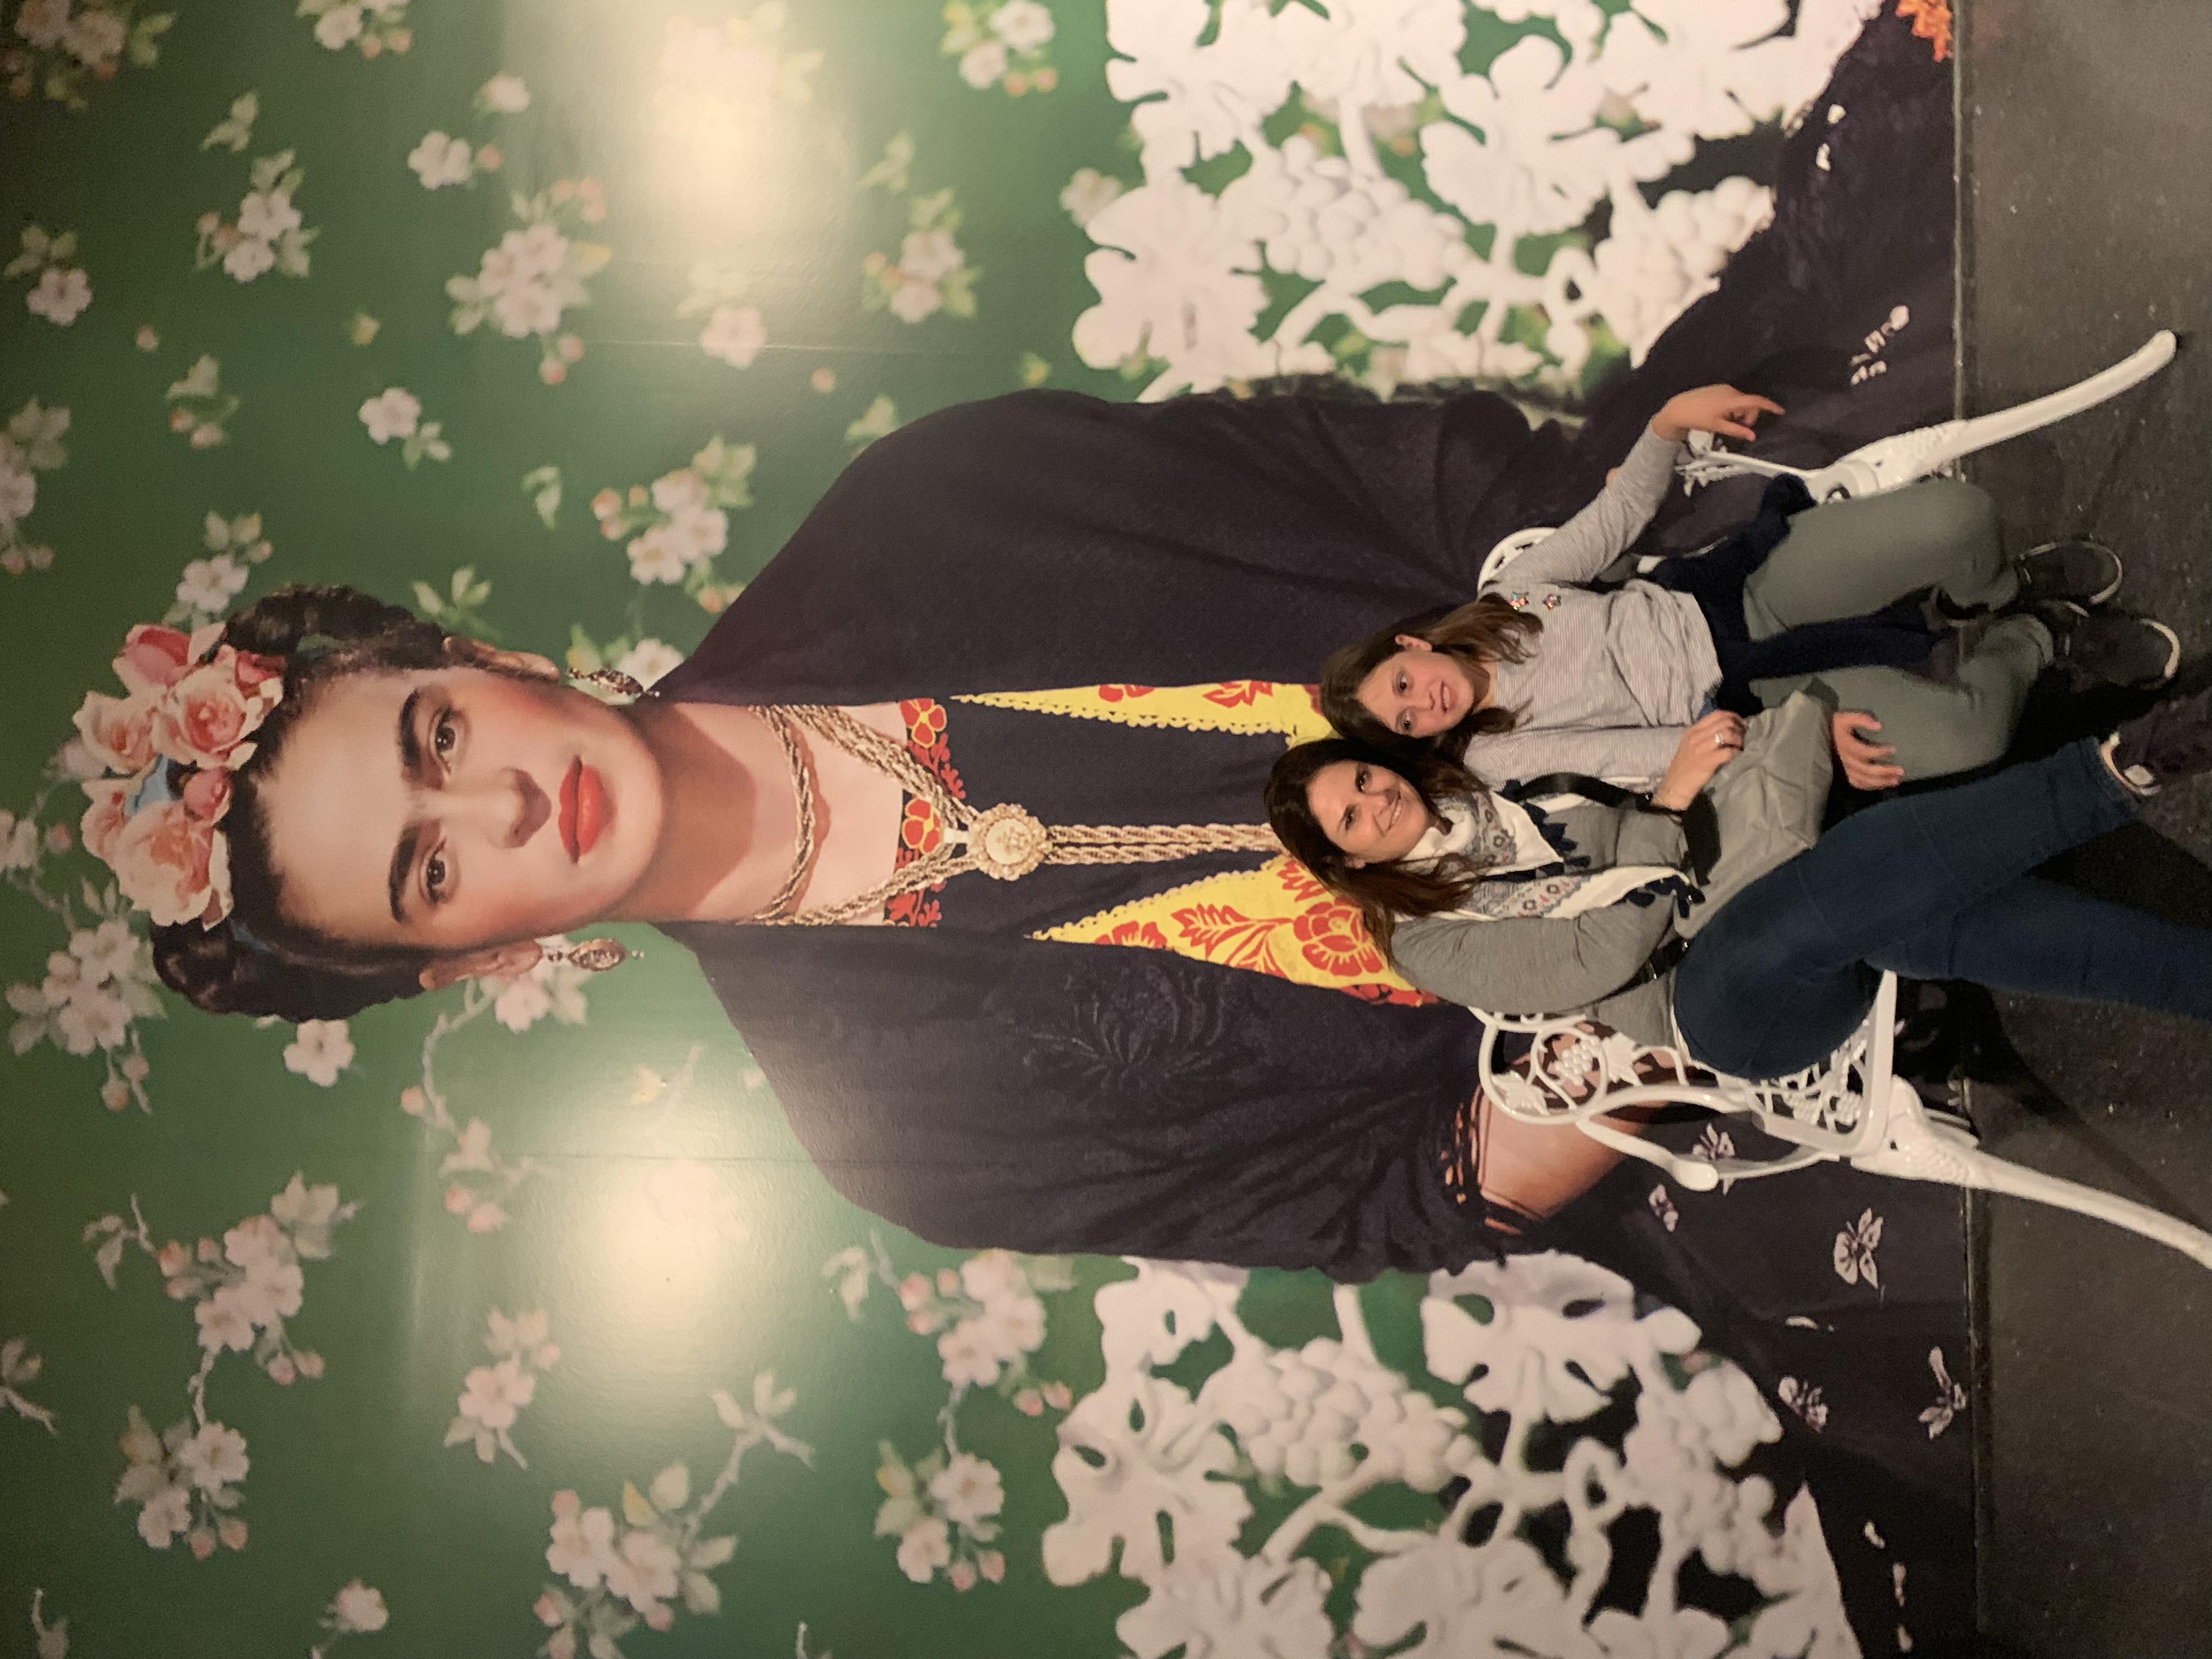 פרידה קאלו, מוזיאון ברוקלין, ניו יורק.